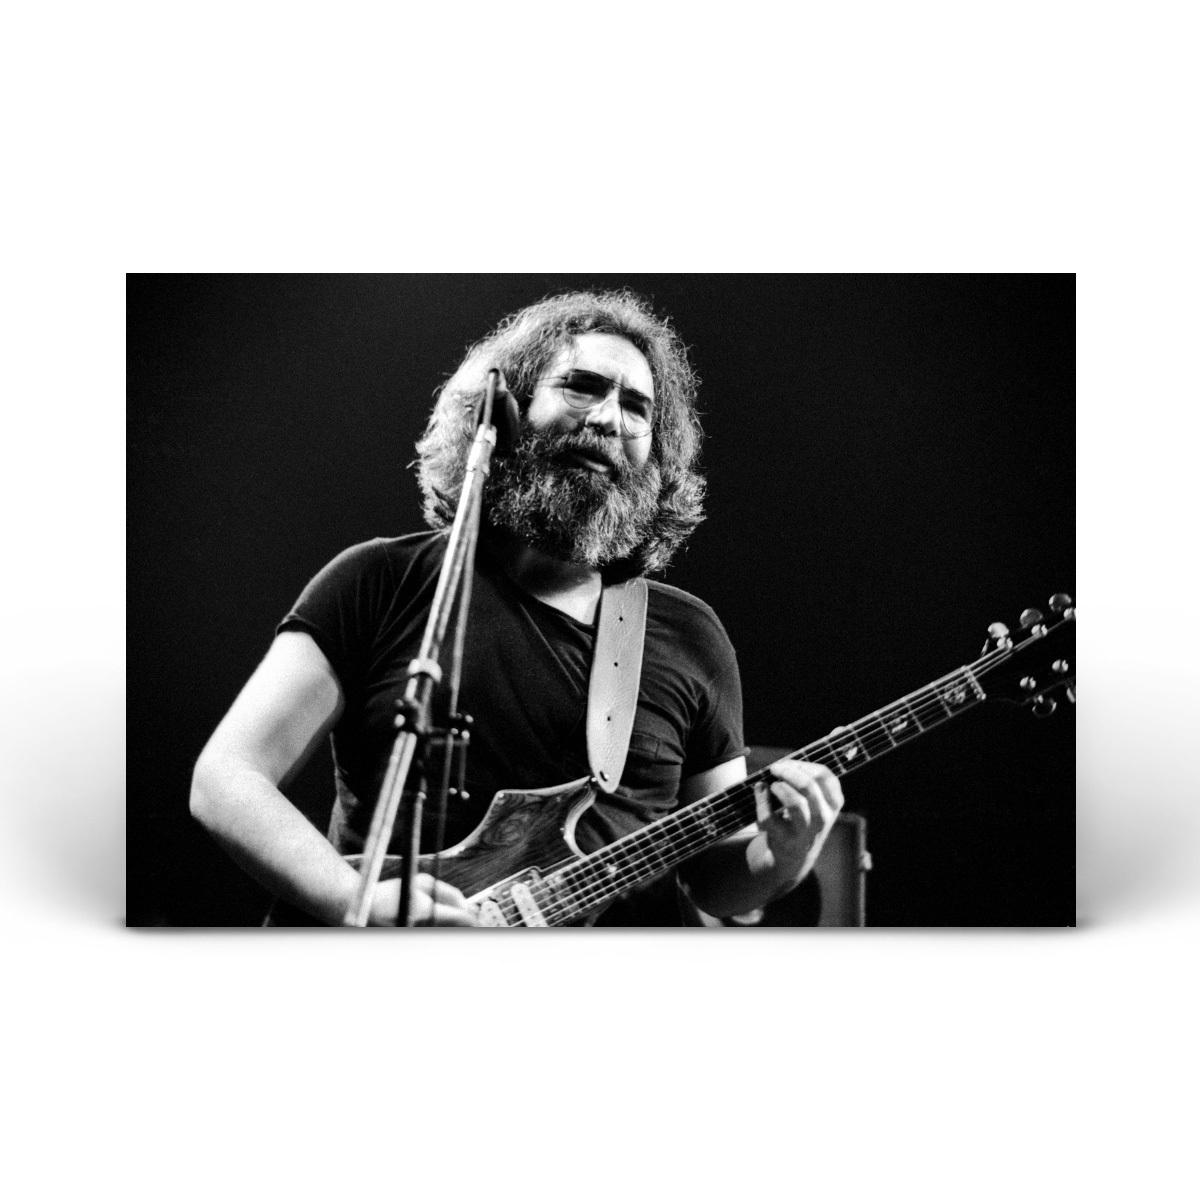 Jerry Garcia - 12/10/92